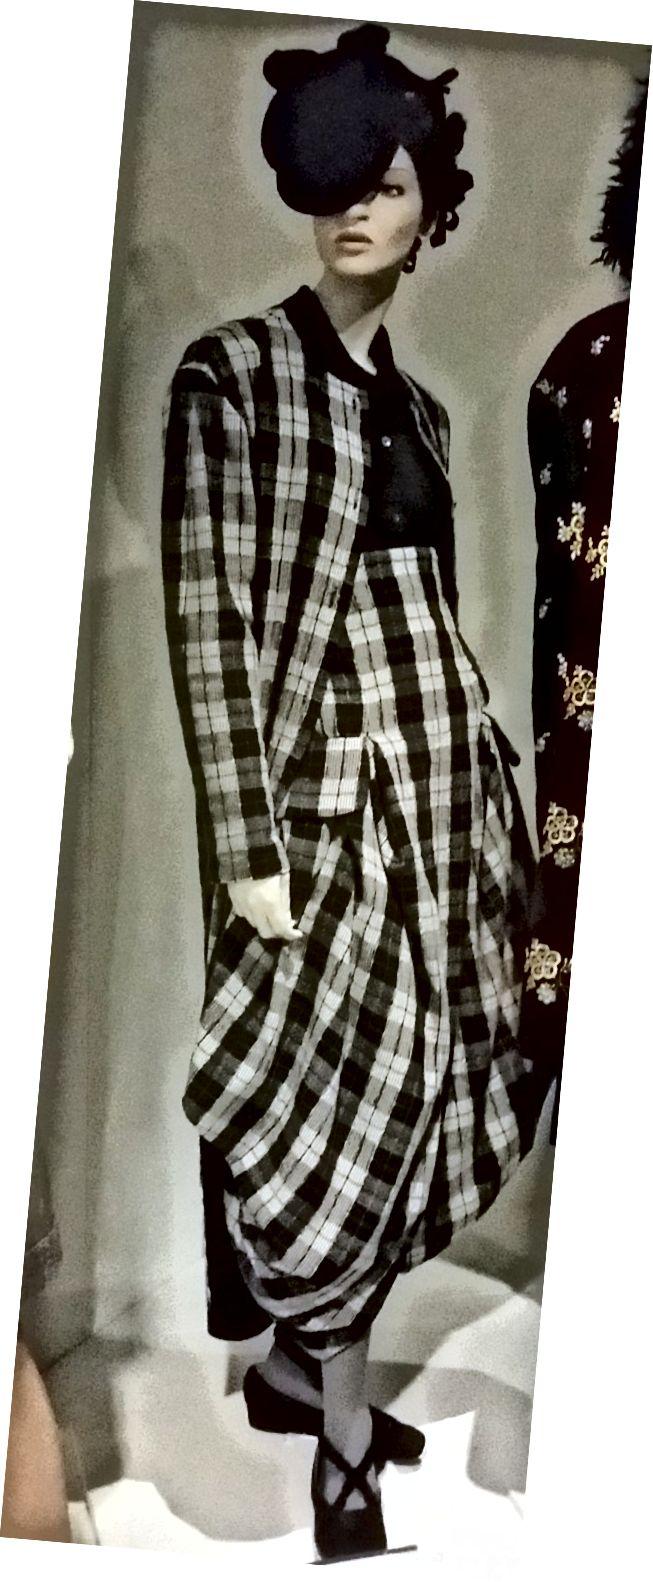 वर्ष 1987 की जॉन गैलियानो पोशाक।